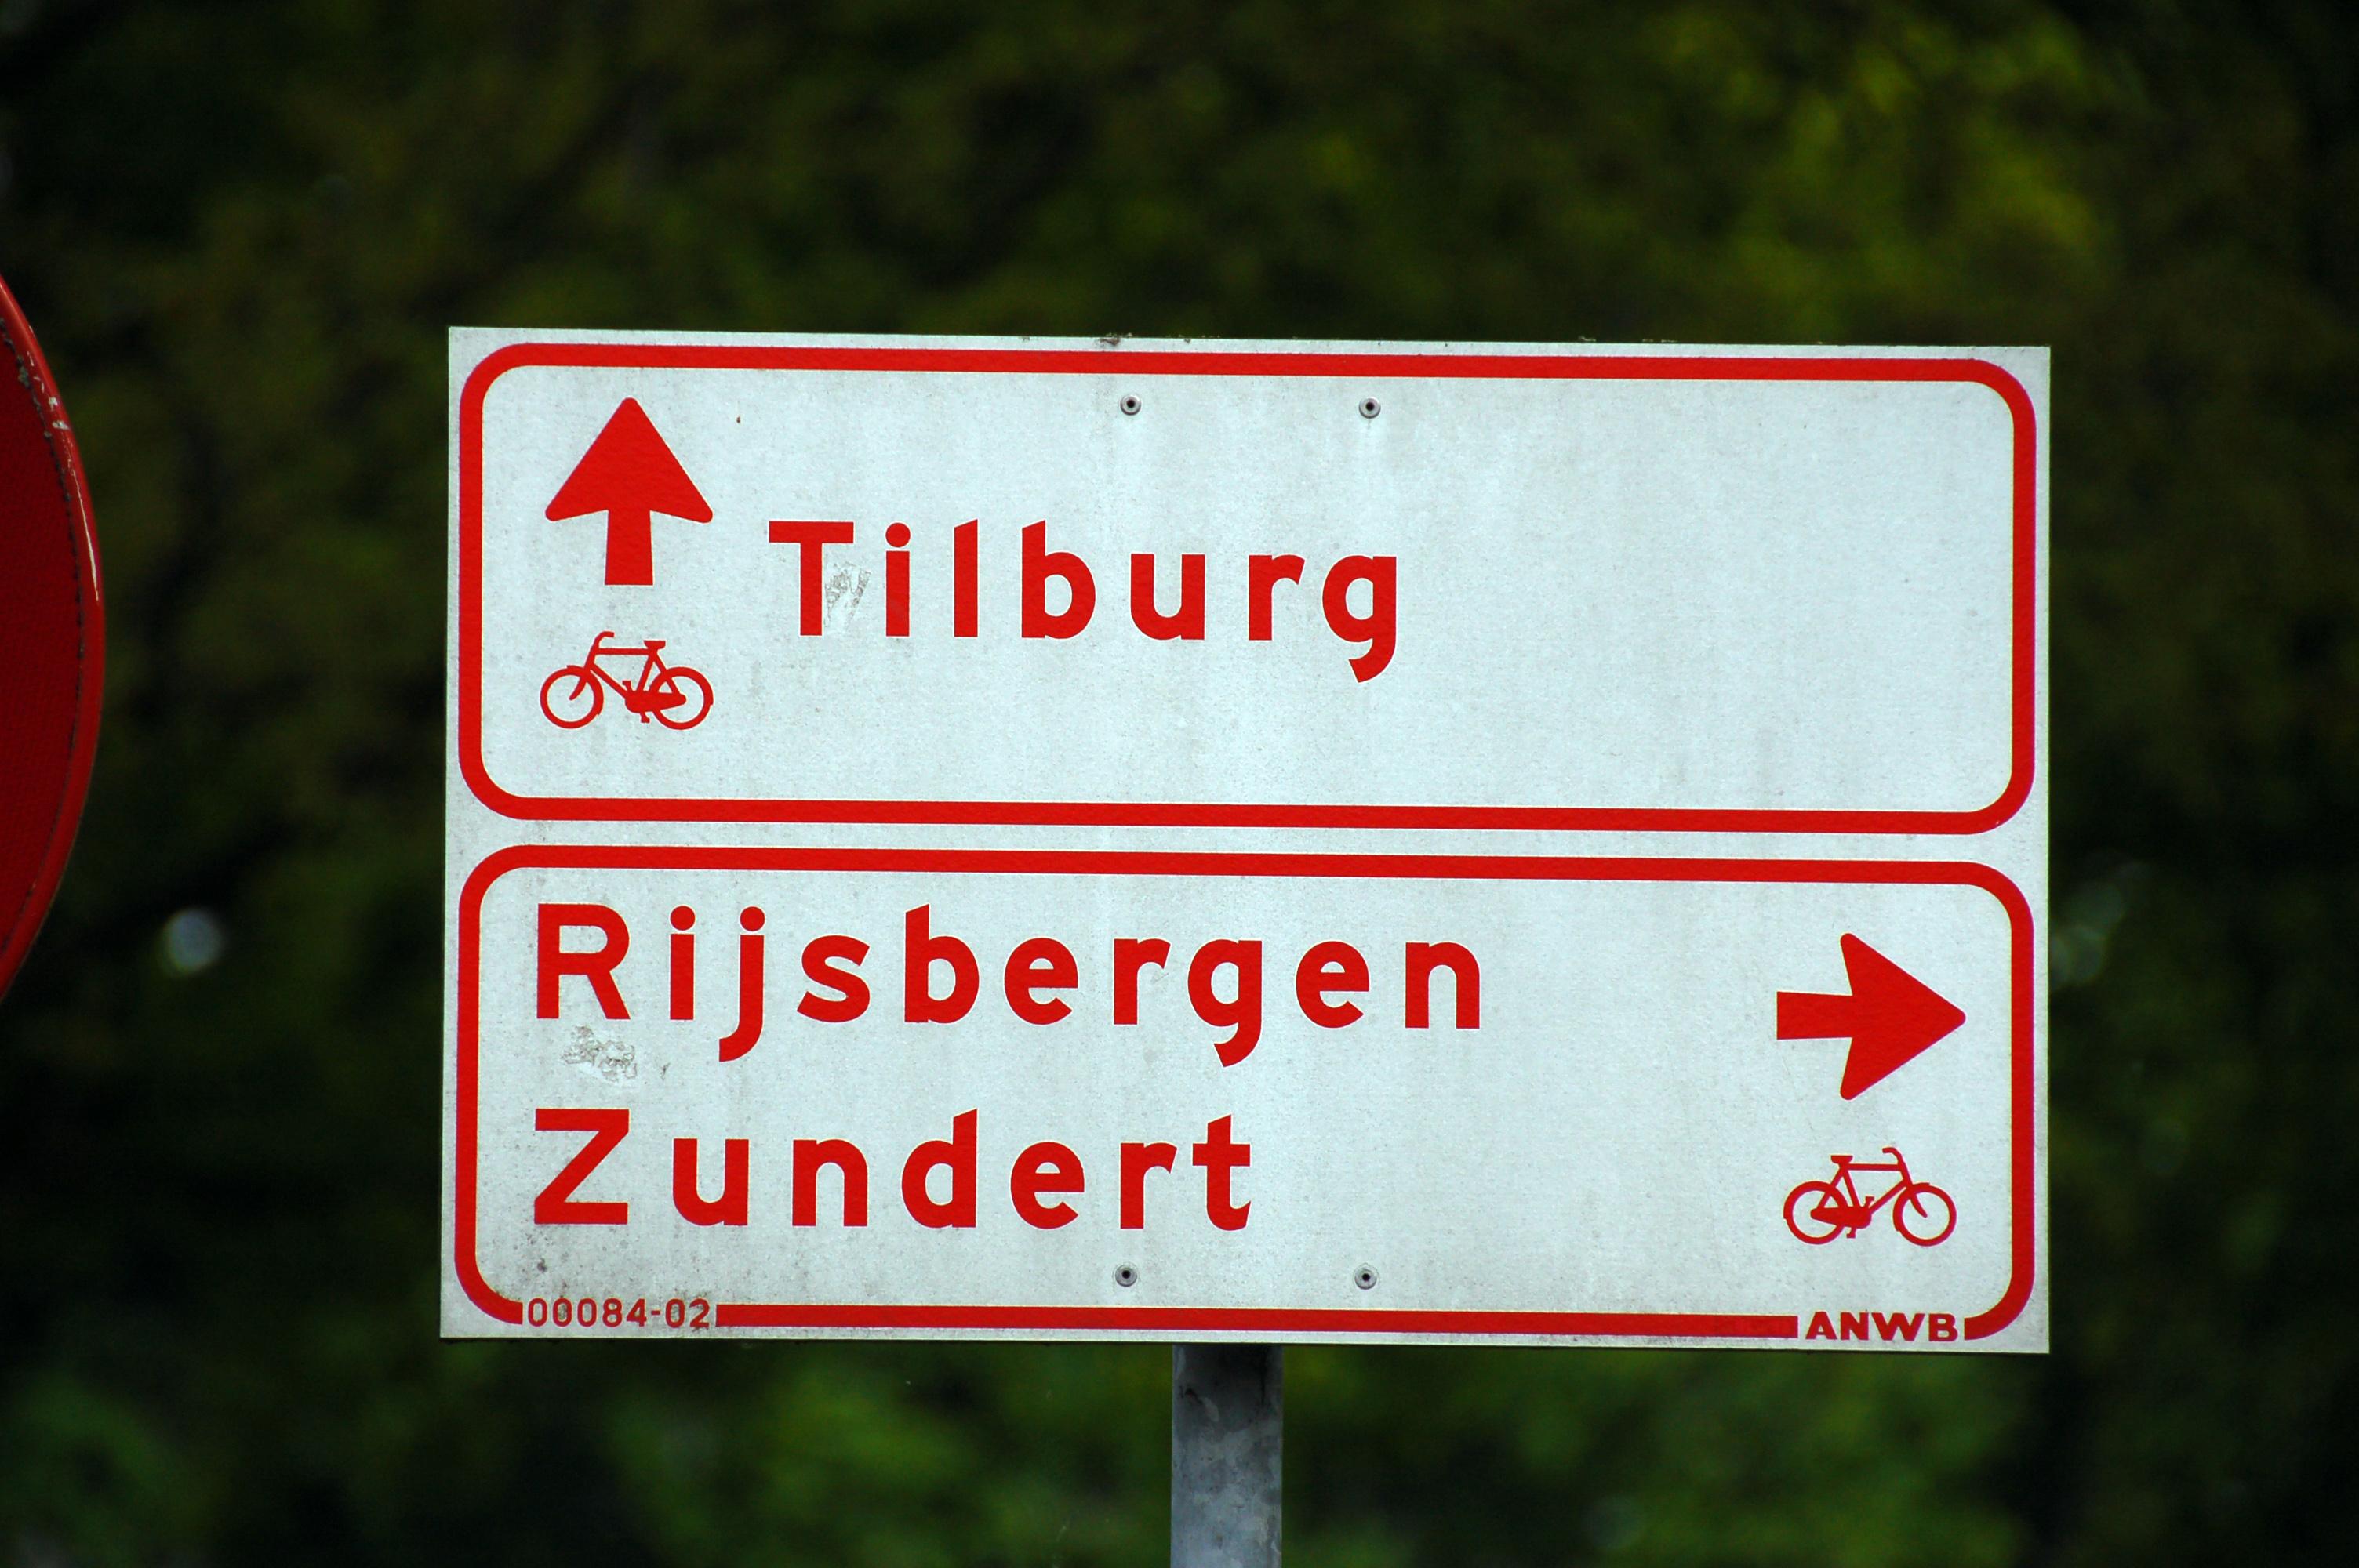 Datei:2010-05-breda-fahrradschilder-by-RalfR-10.jpg